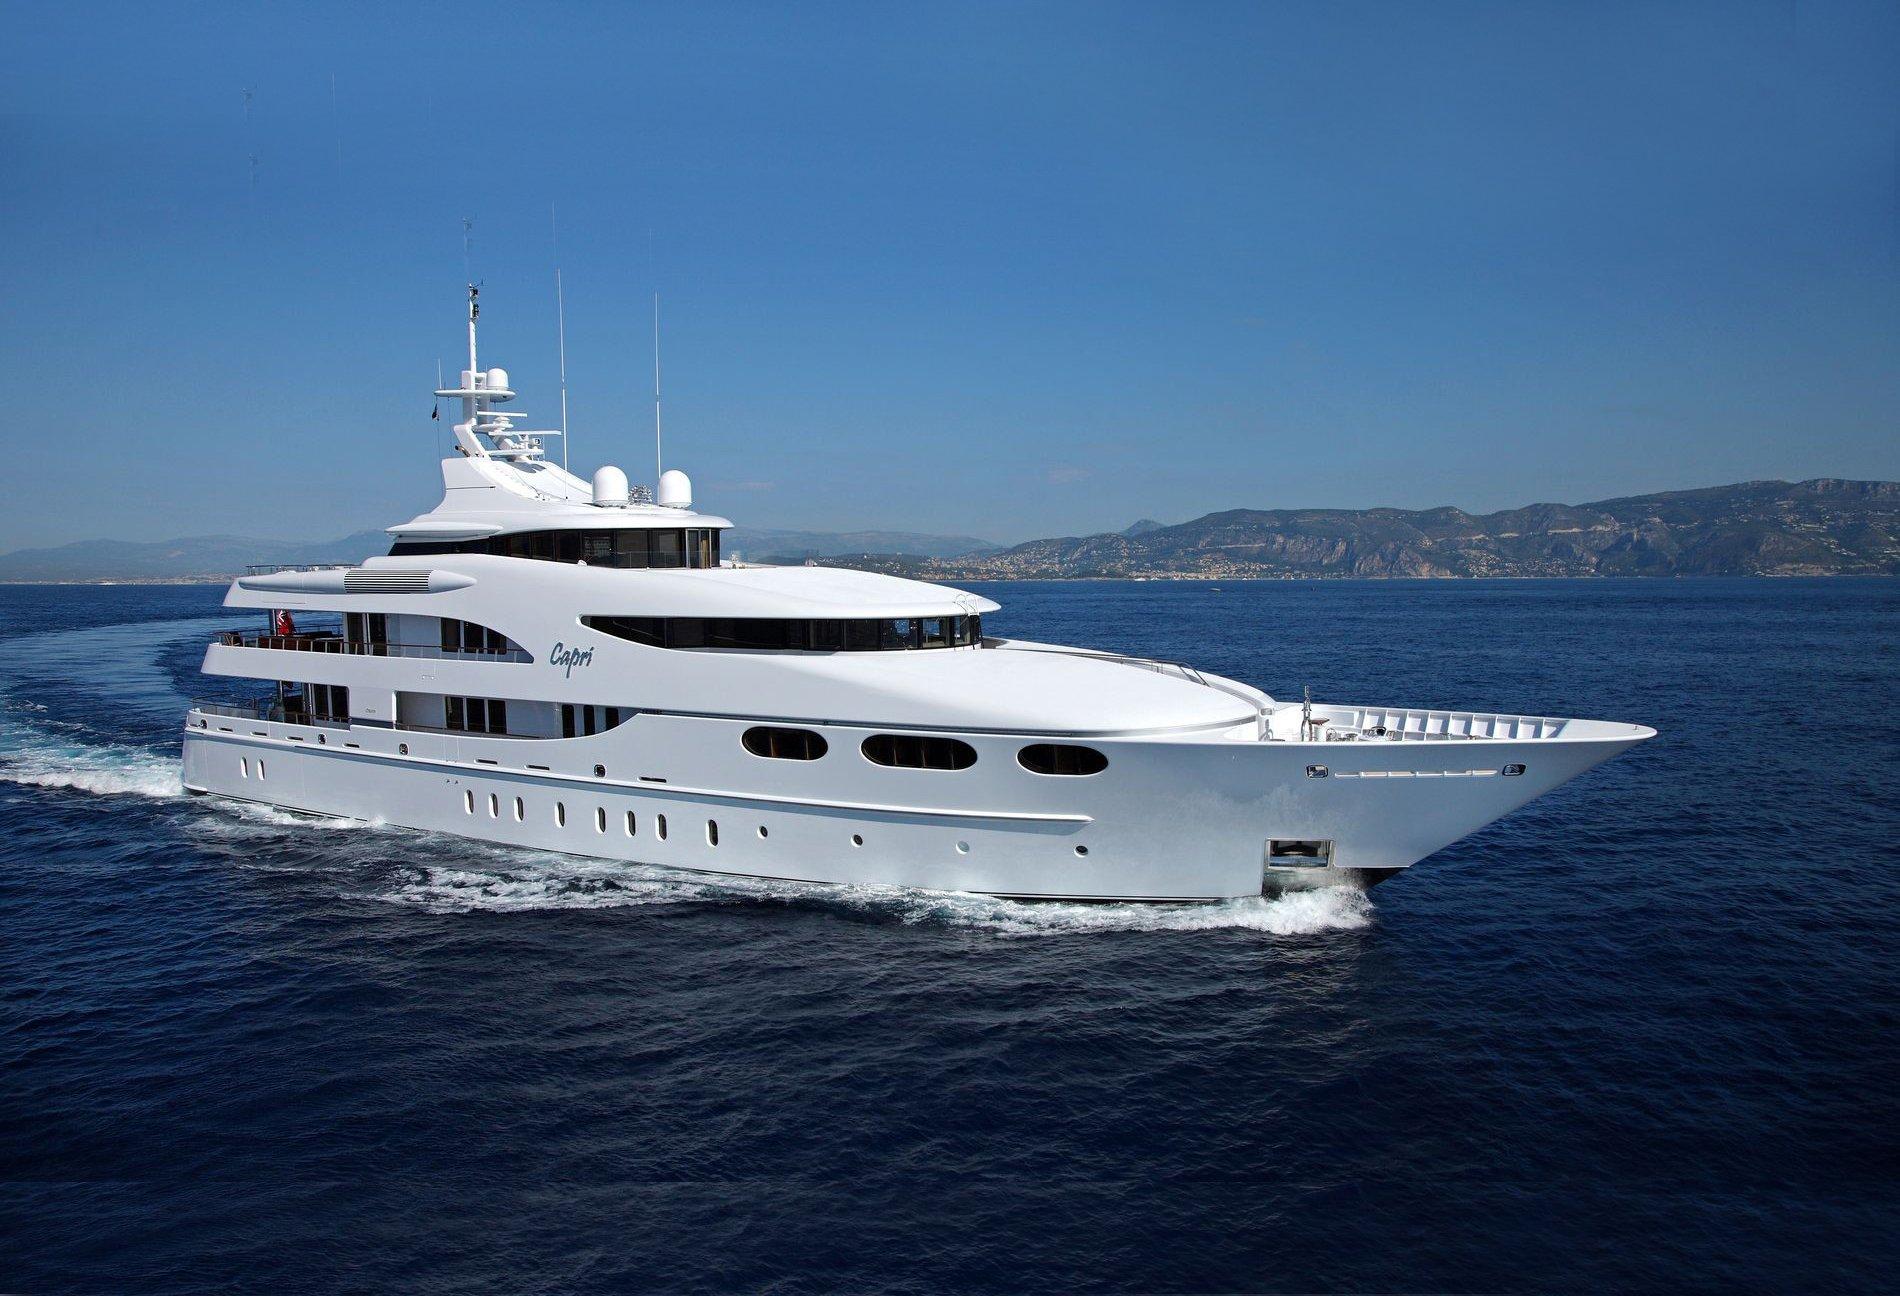 Yacht Capri Running